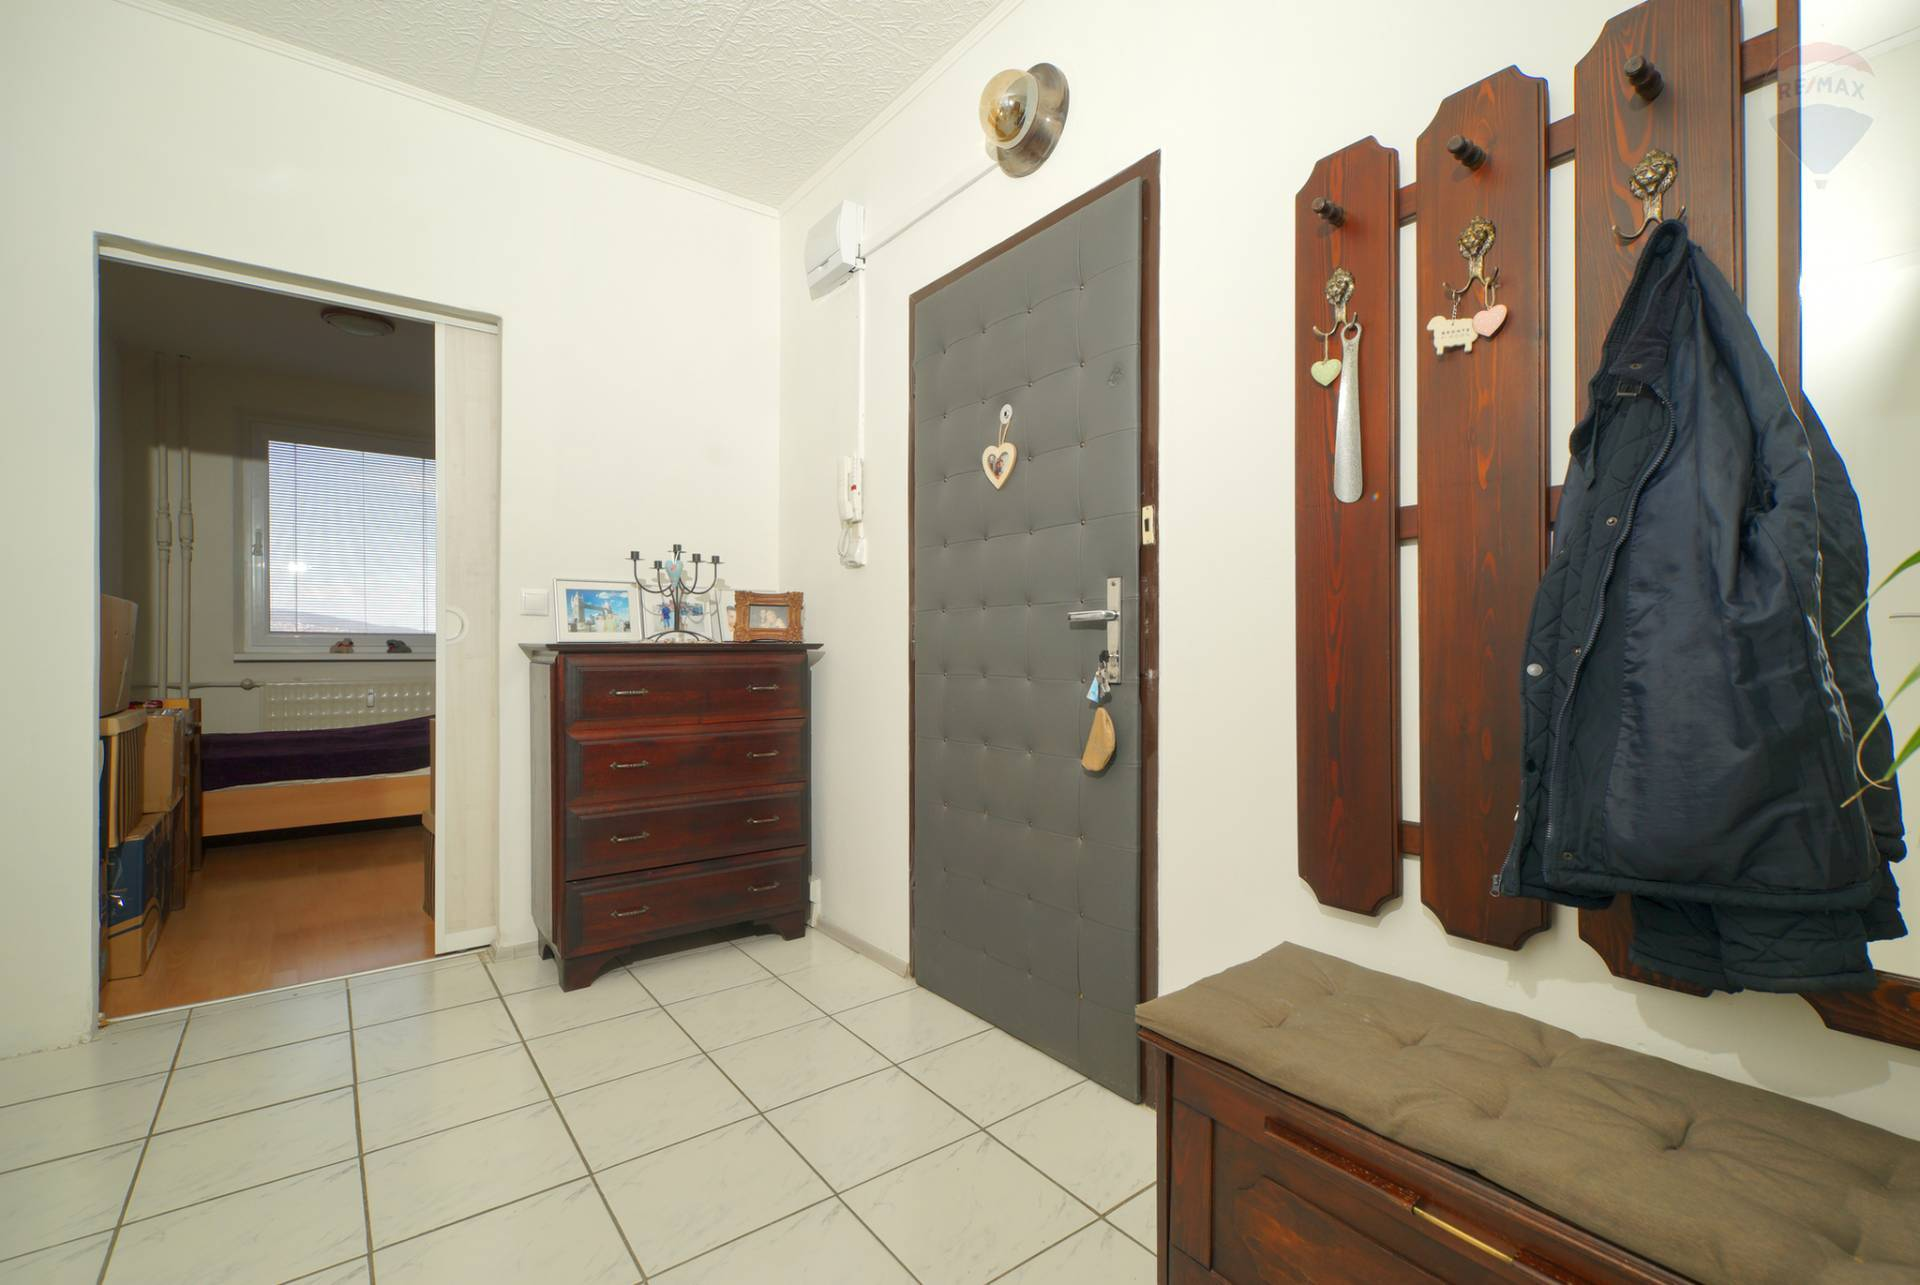 Predaj bytu (3 izbový) 61 m2, Nitra - Predaj zrekonštruovaný 3-iz.byt Nitra